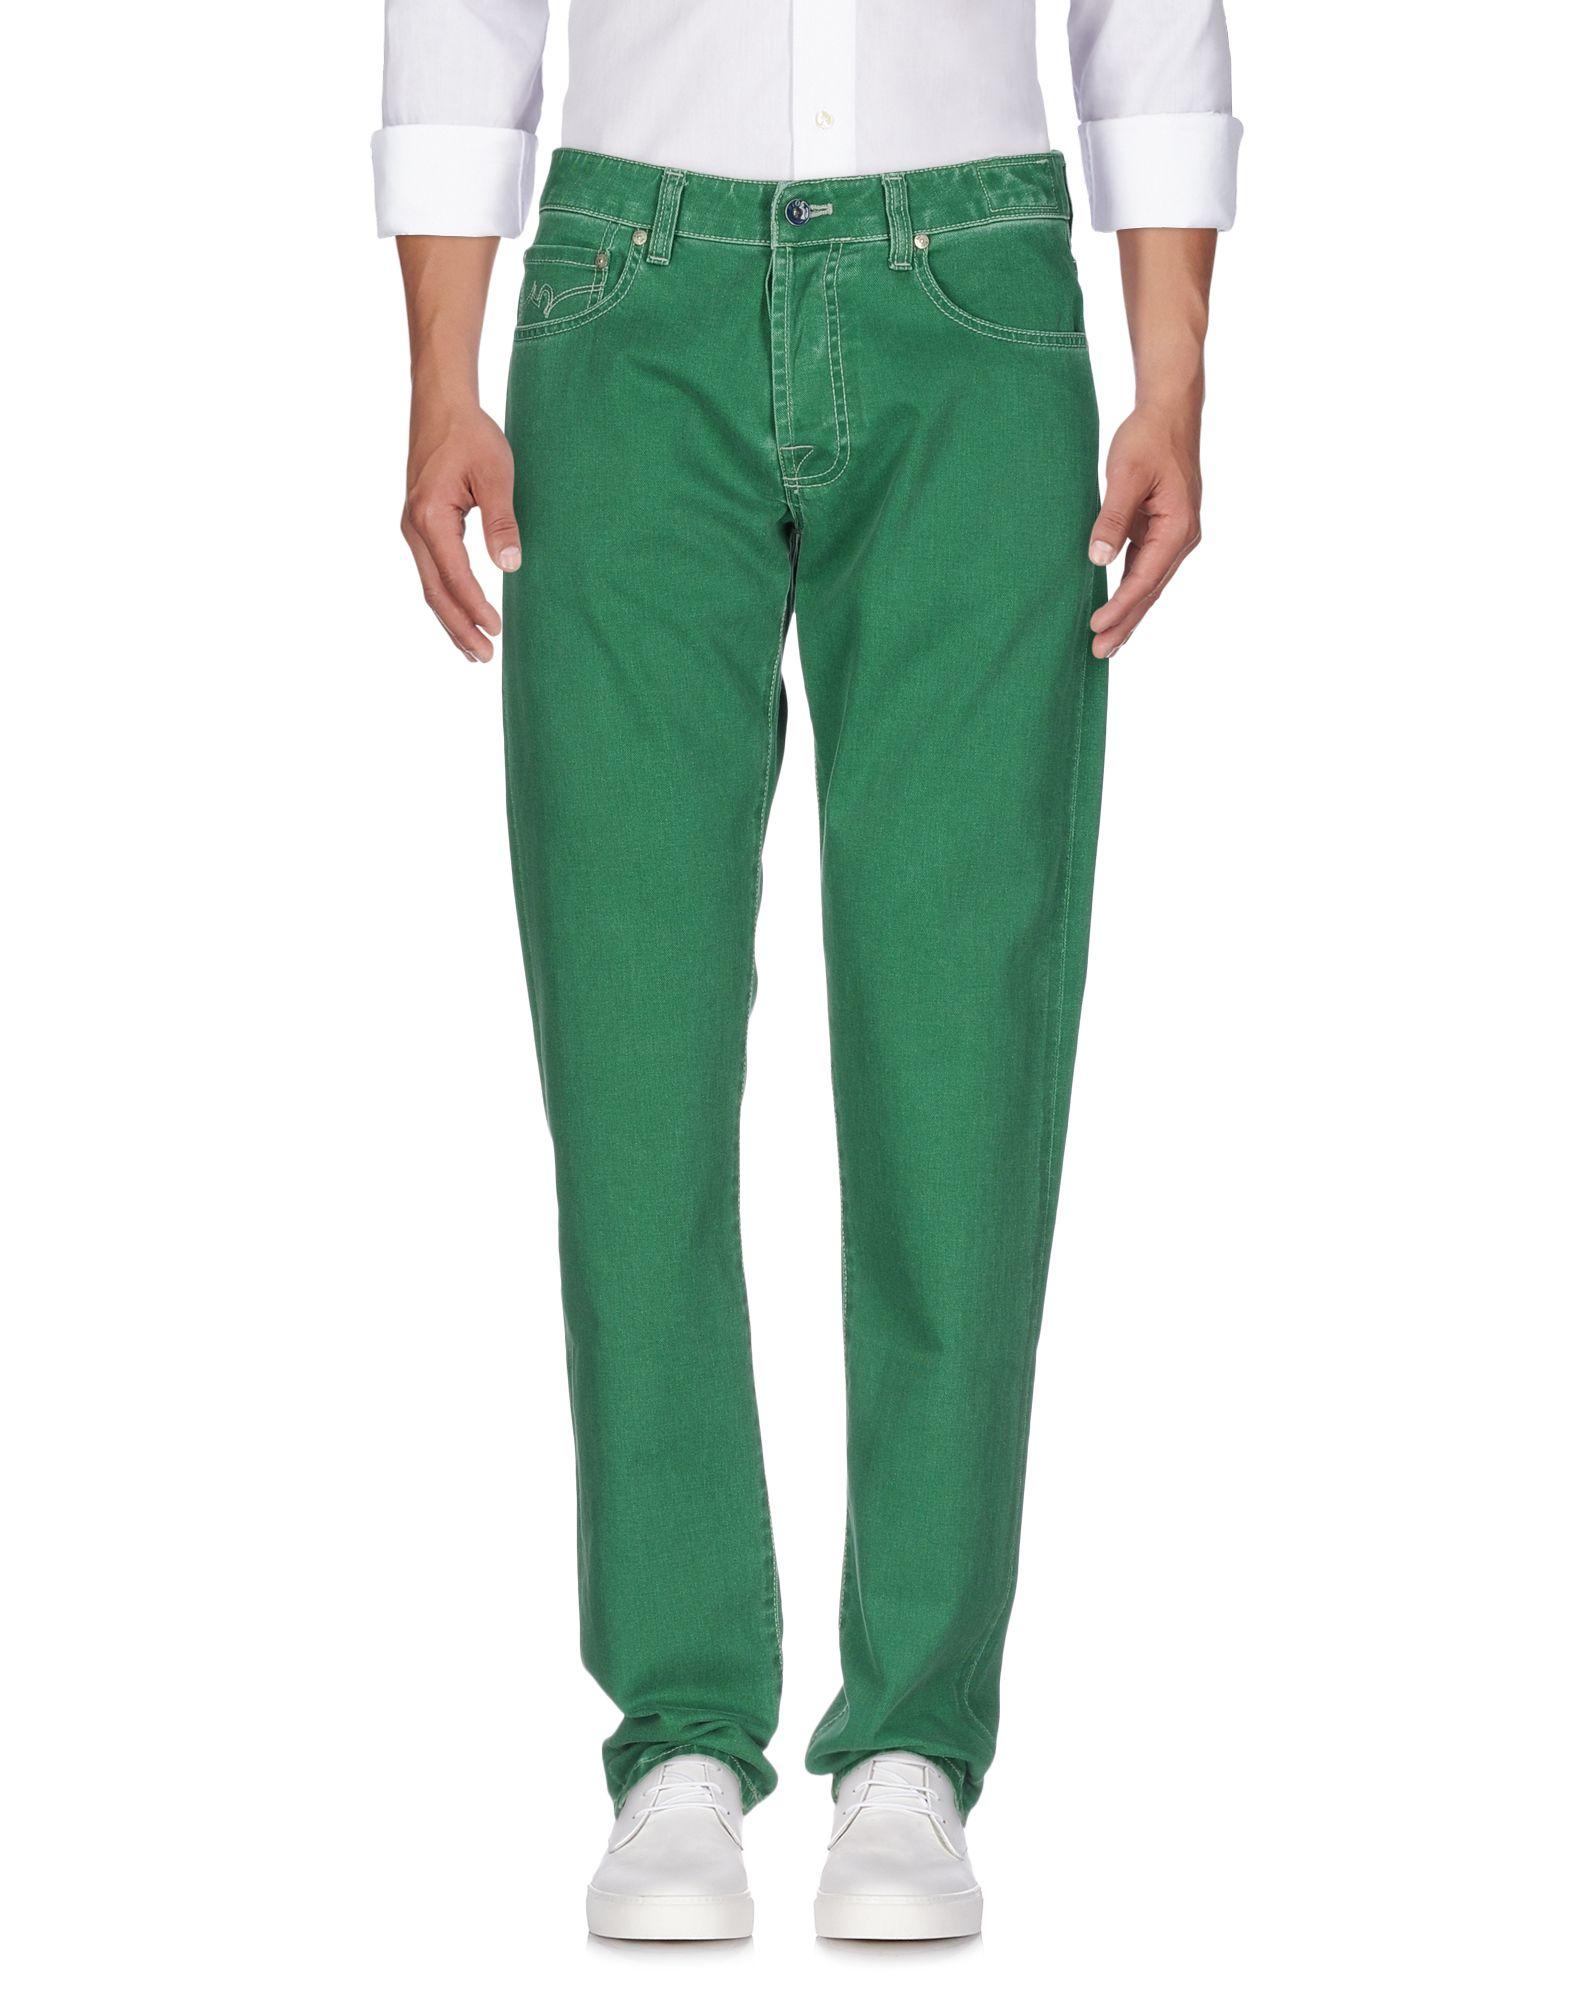 зеленые джинсы мужские картинки будет поднимать